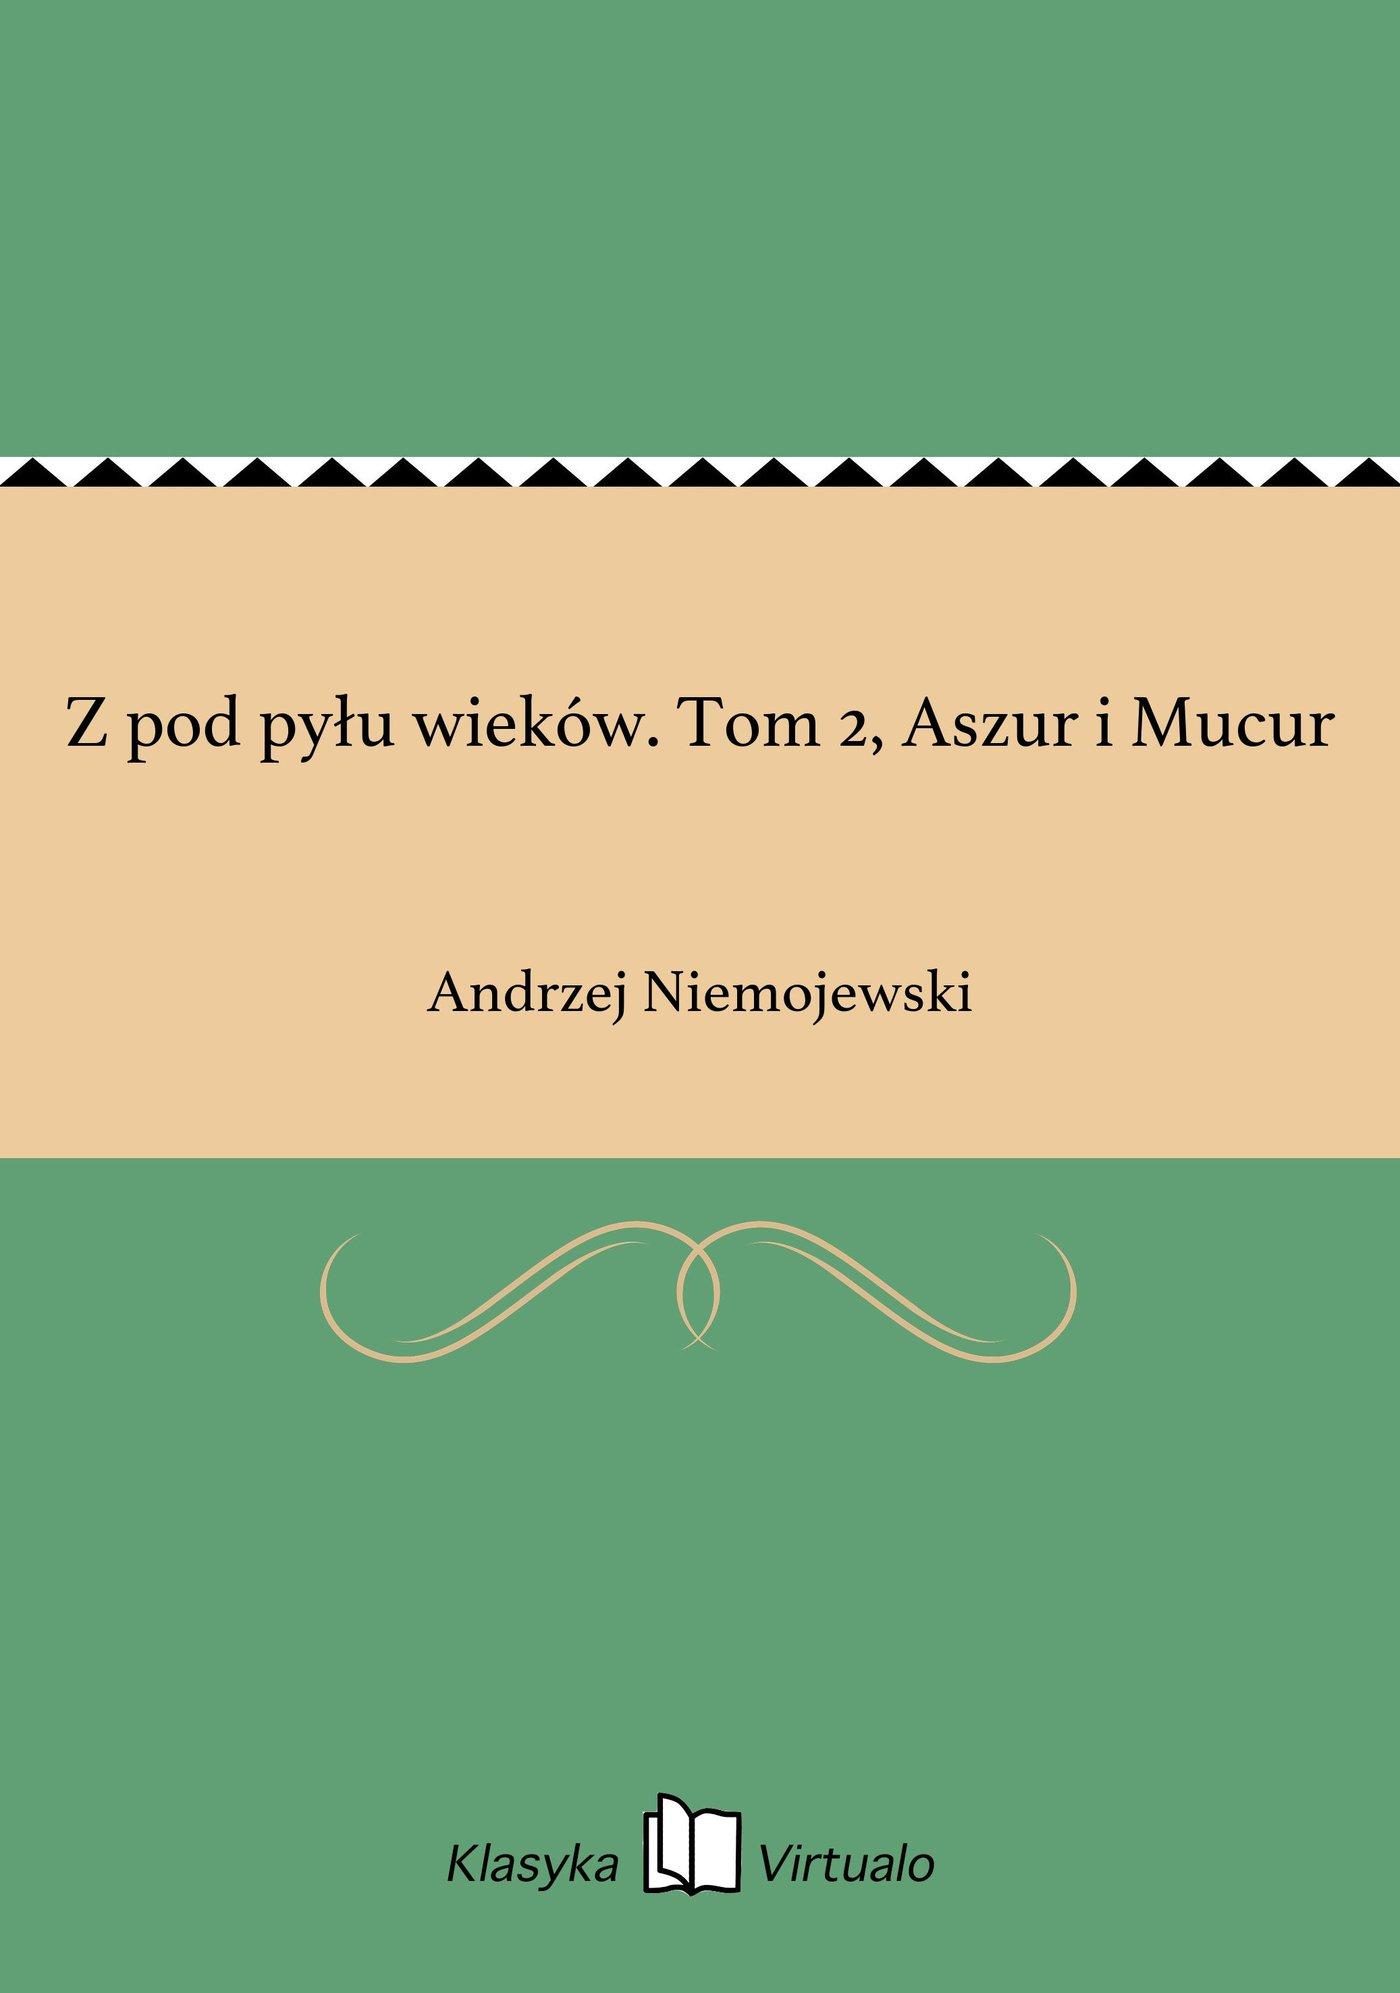 Z pod pyłu wieków. Tom 2, Aszur i Mucur - Ebook (Książka EPUB) do pobrania w formacie EPUB